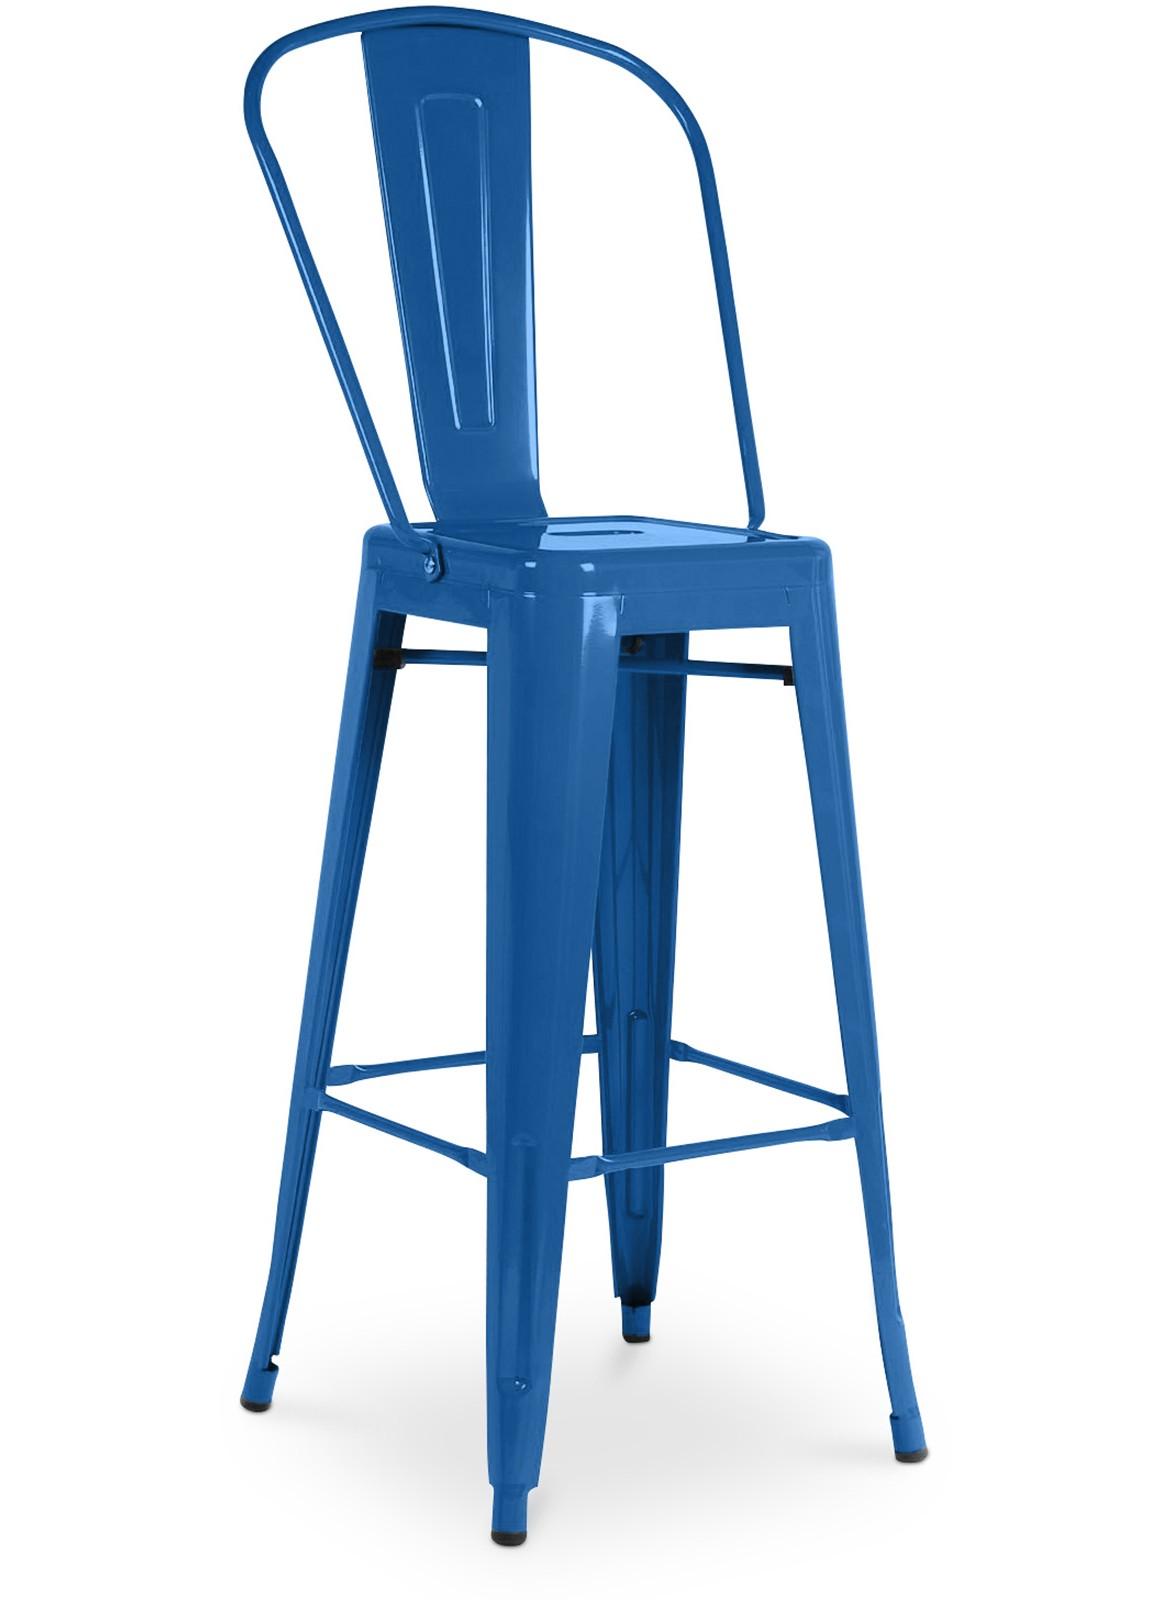 tabouret haut avec grand dossier de tolix en acier laqu bleu oc an. Black Bedroom Furniture Sets. Home Design Ideas